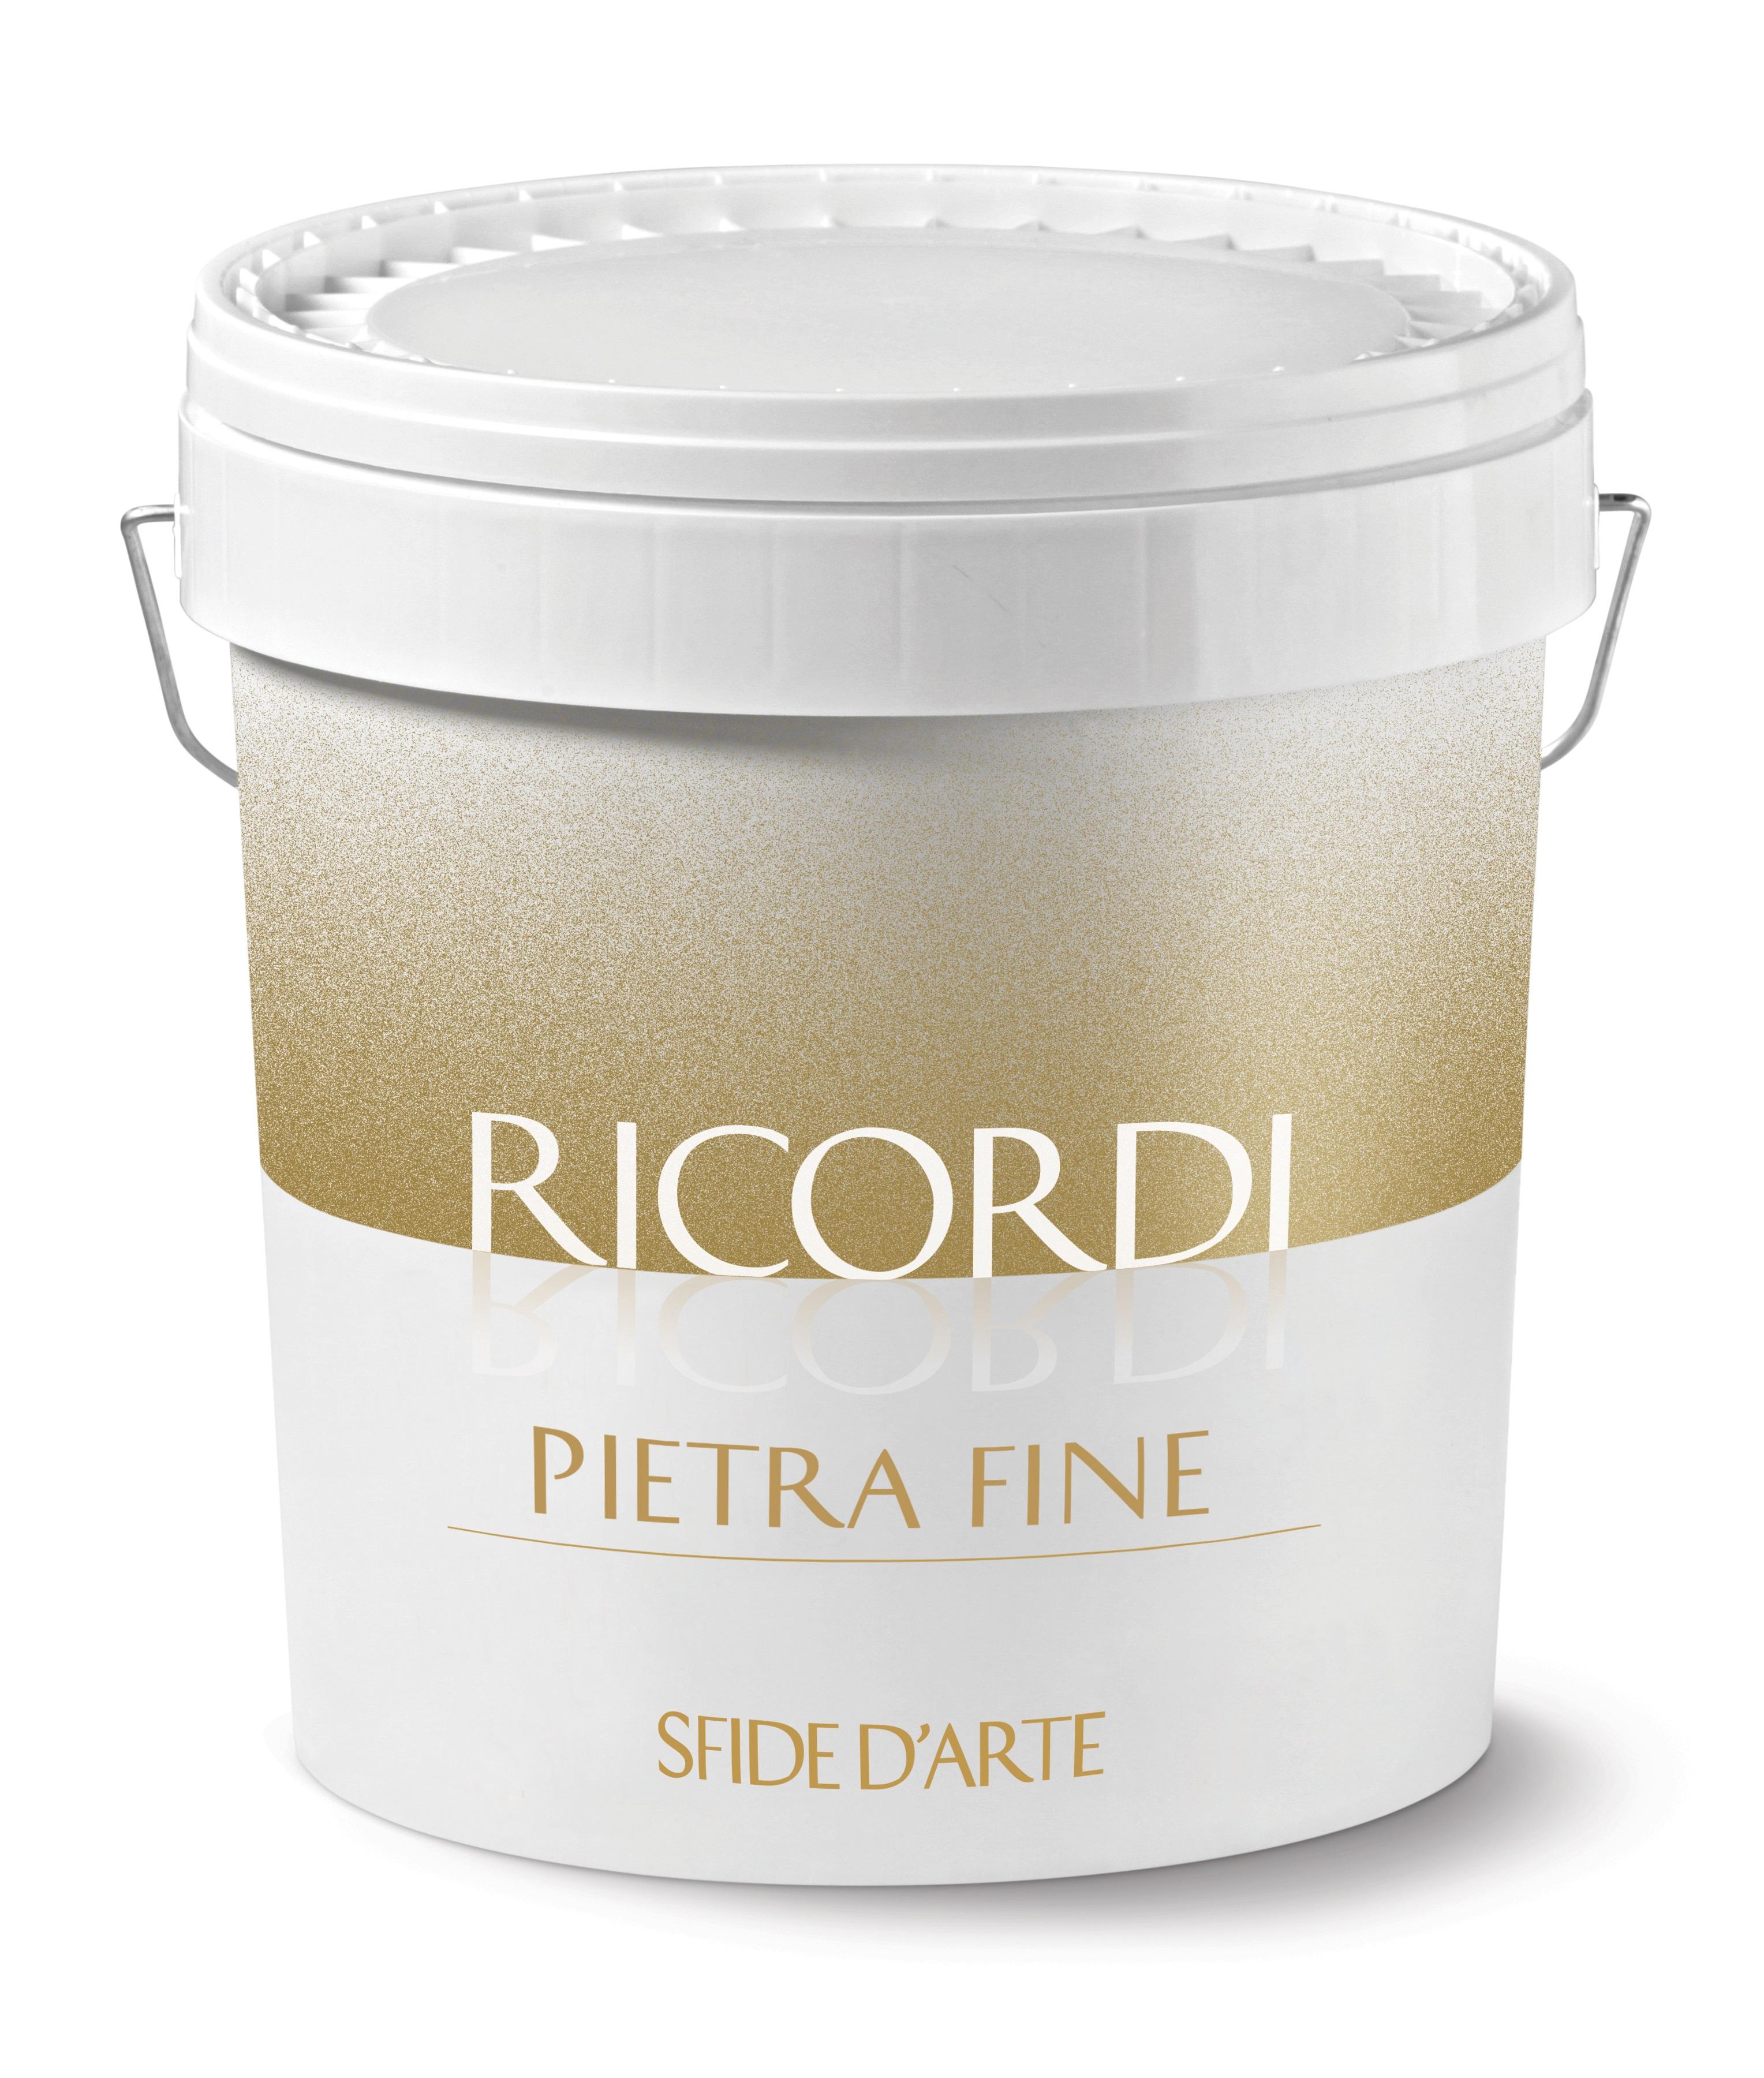 RICORDI PIETRA FINE: Naturalezza essenzialeIntonachino minerale fino alla calce modellabile